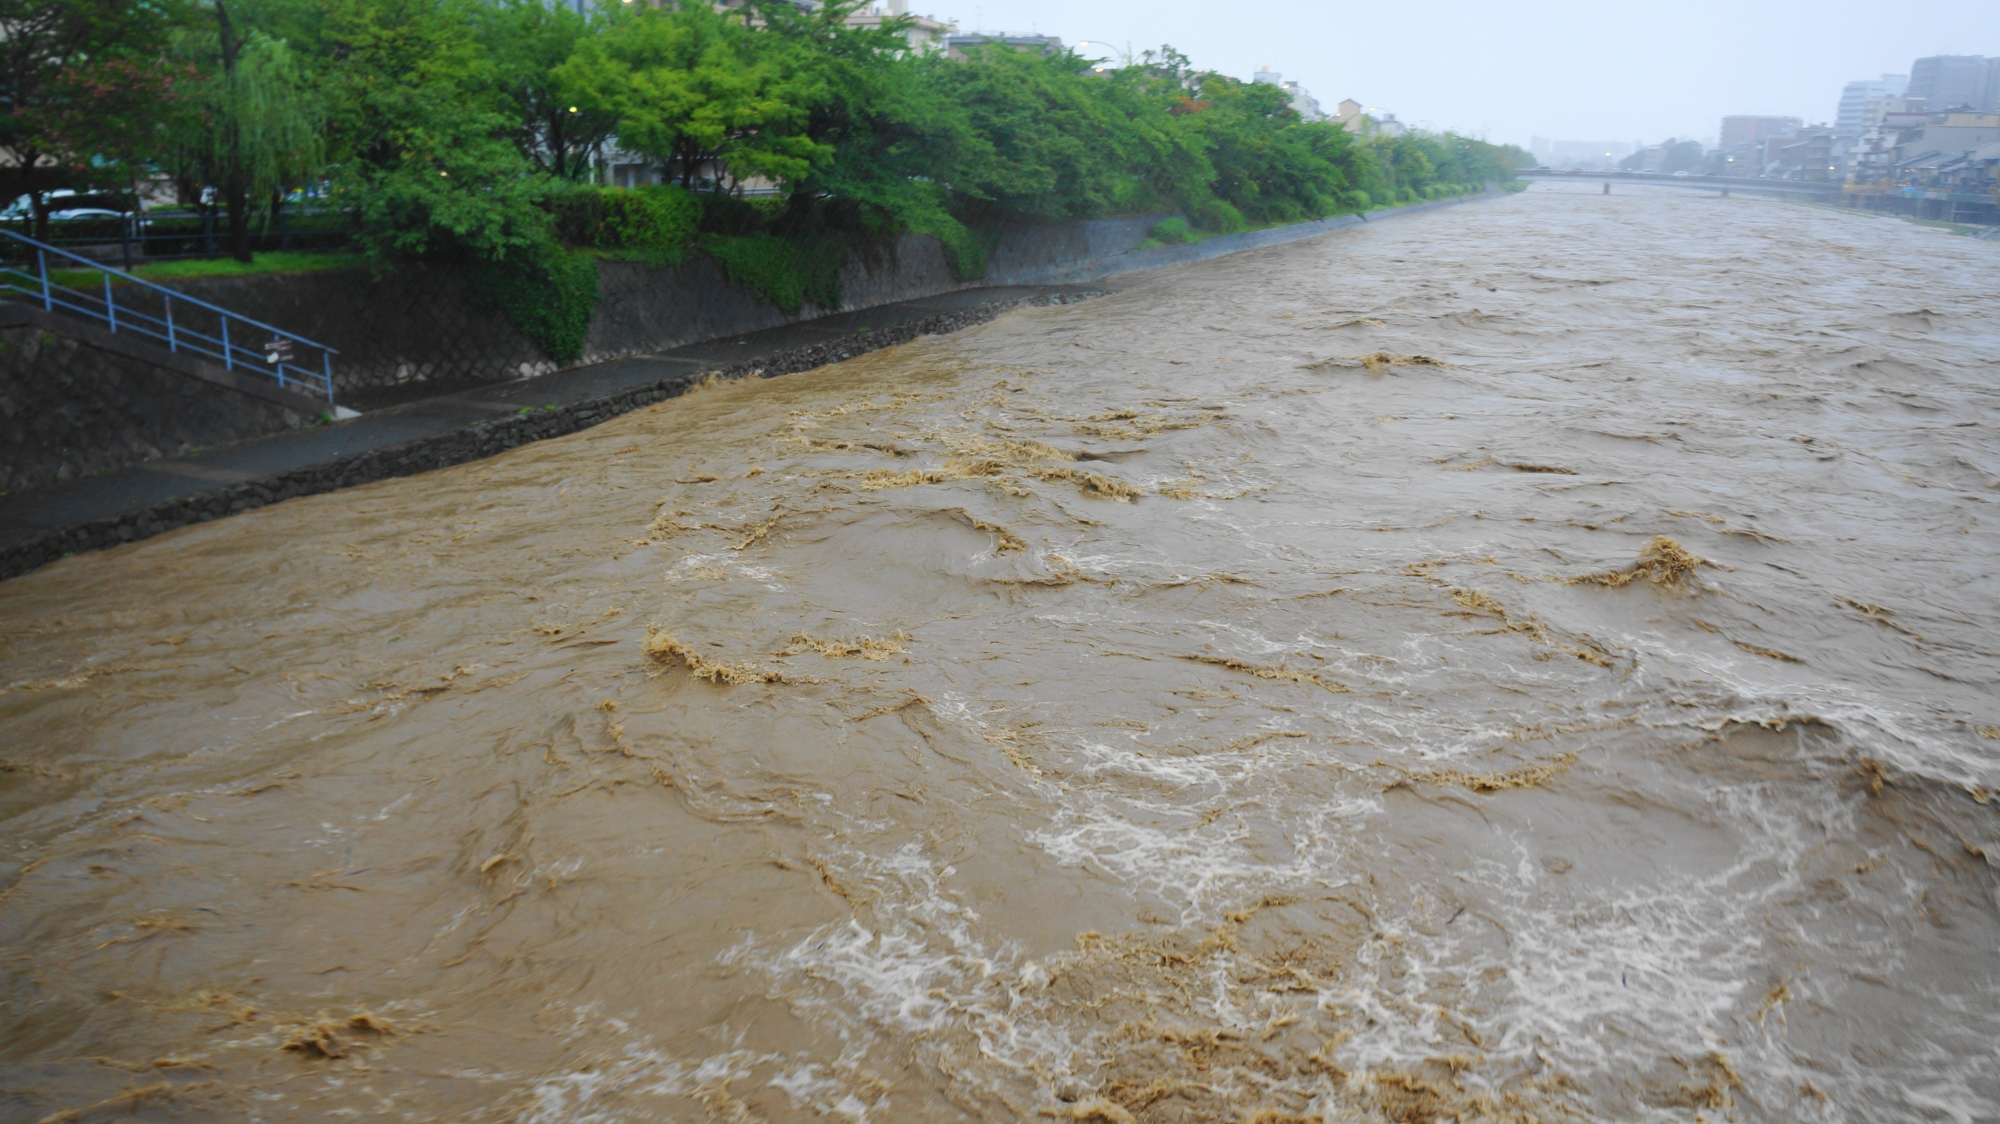 普段の長閑な鴨川からは想像もできない2014年8月10日の濁流の鴨川